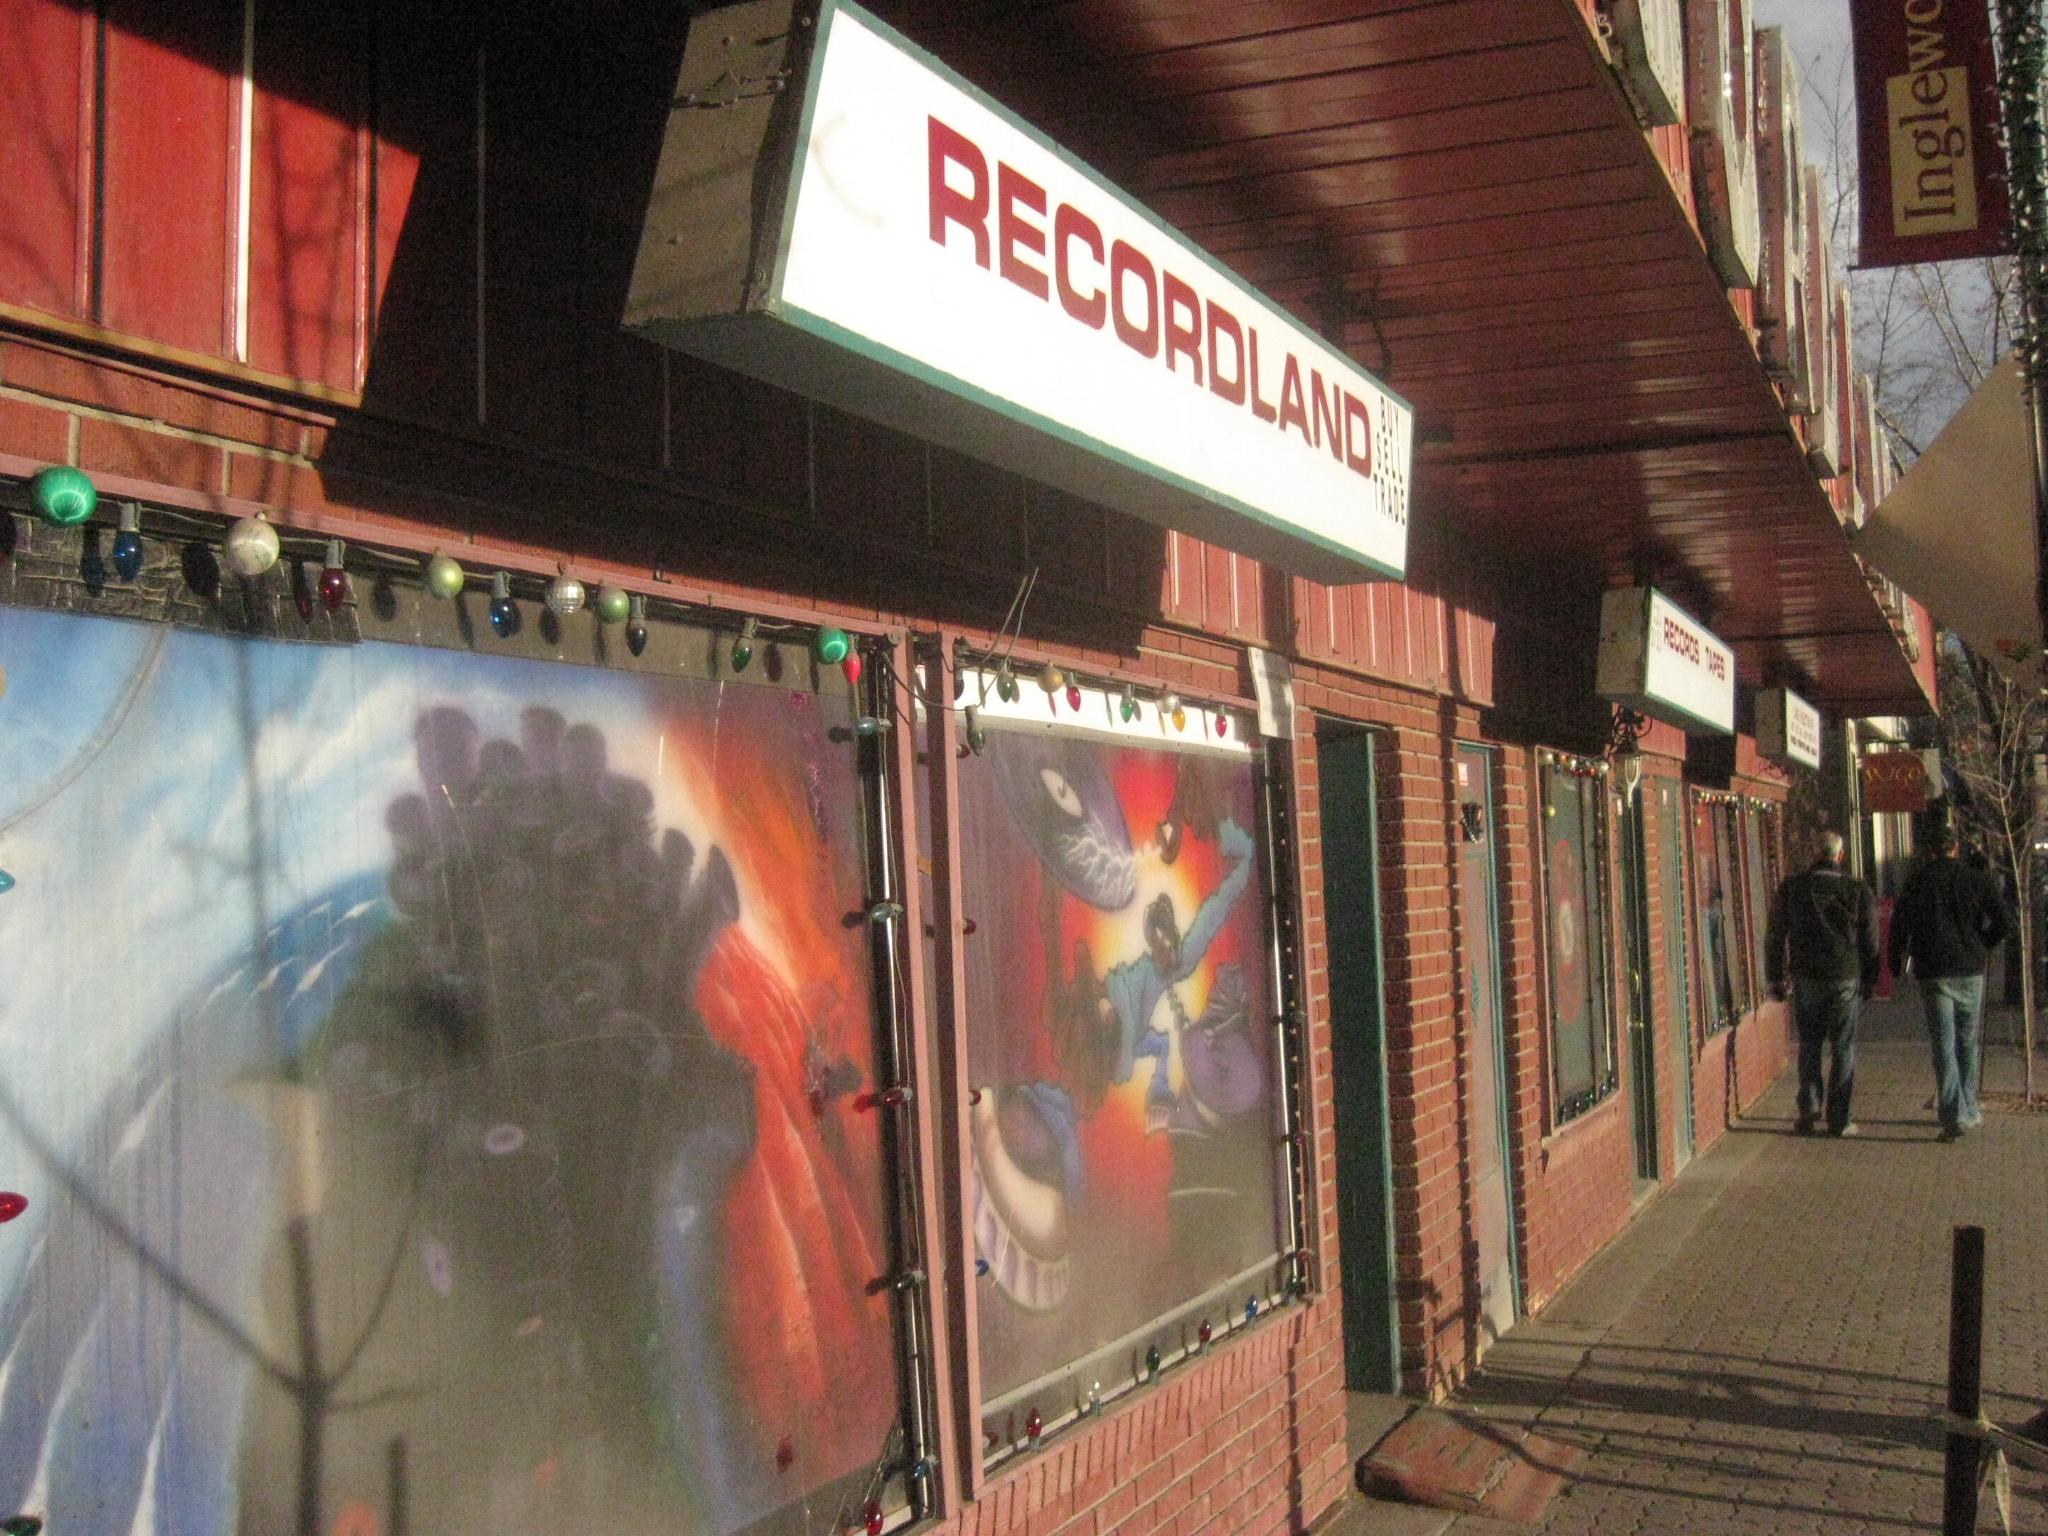 Recordland Calgary